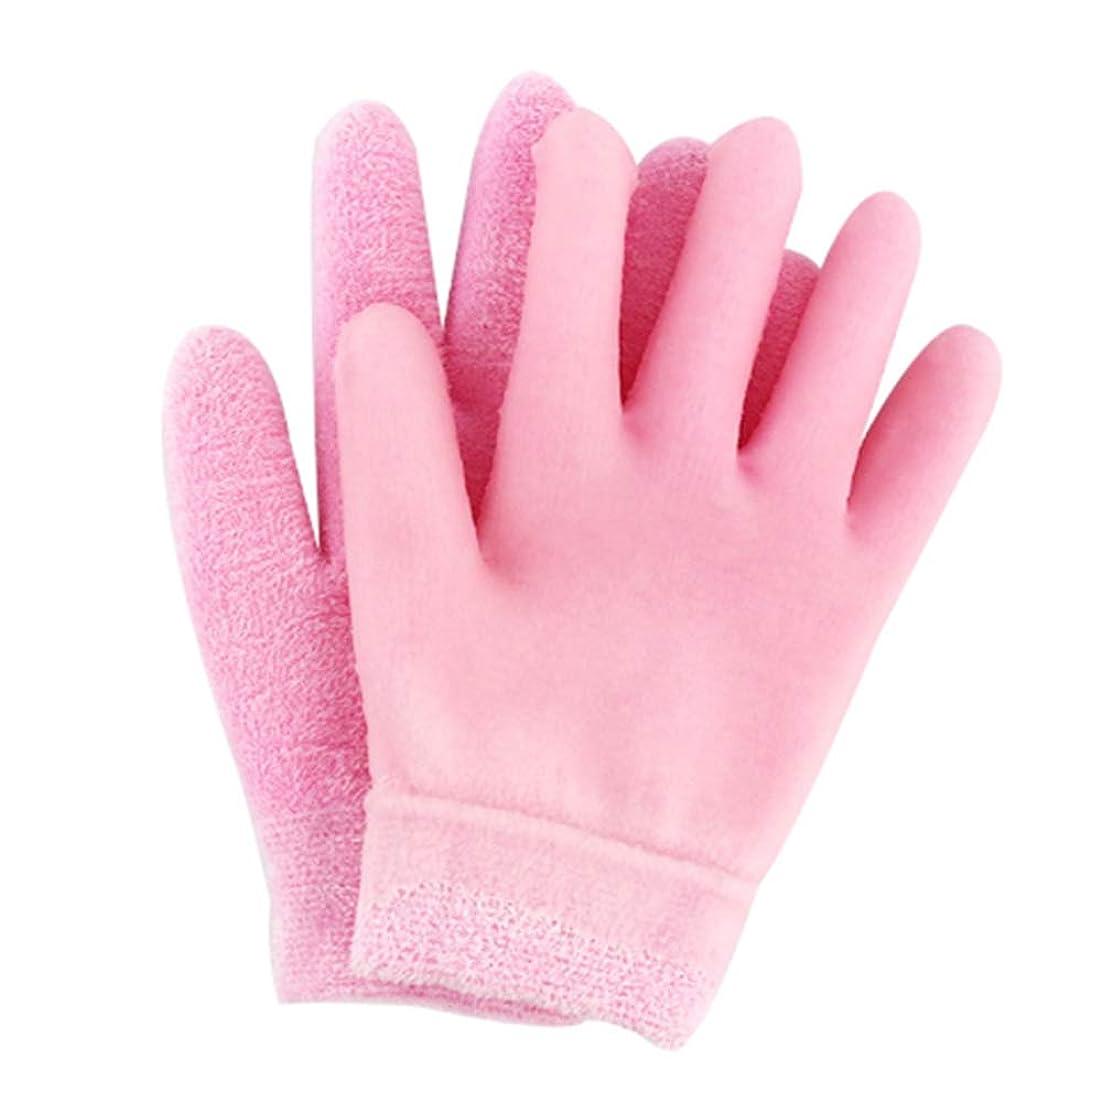 ピザ頭痛真鍮美容 保湿 手袋 ハイドロ ジェル グローブ 手荒れ対策 フリーサイズ